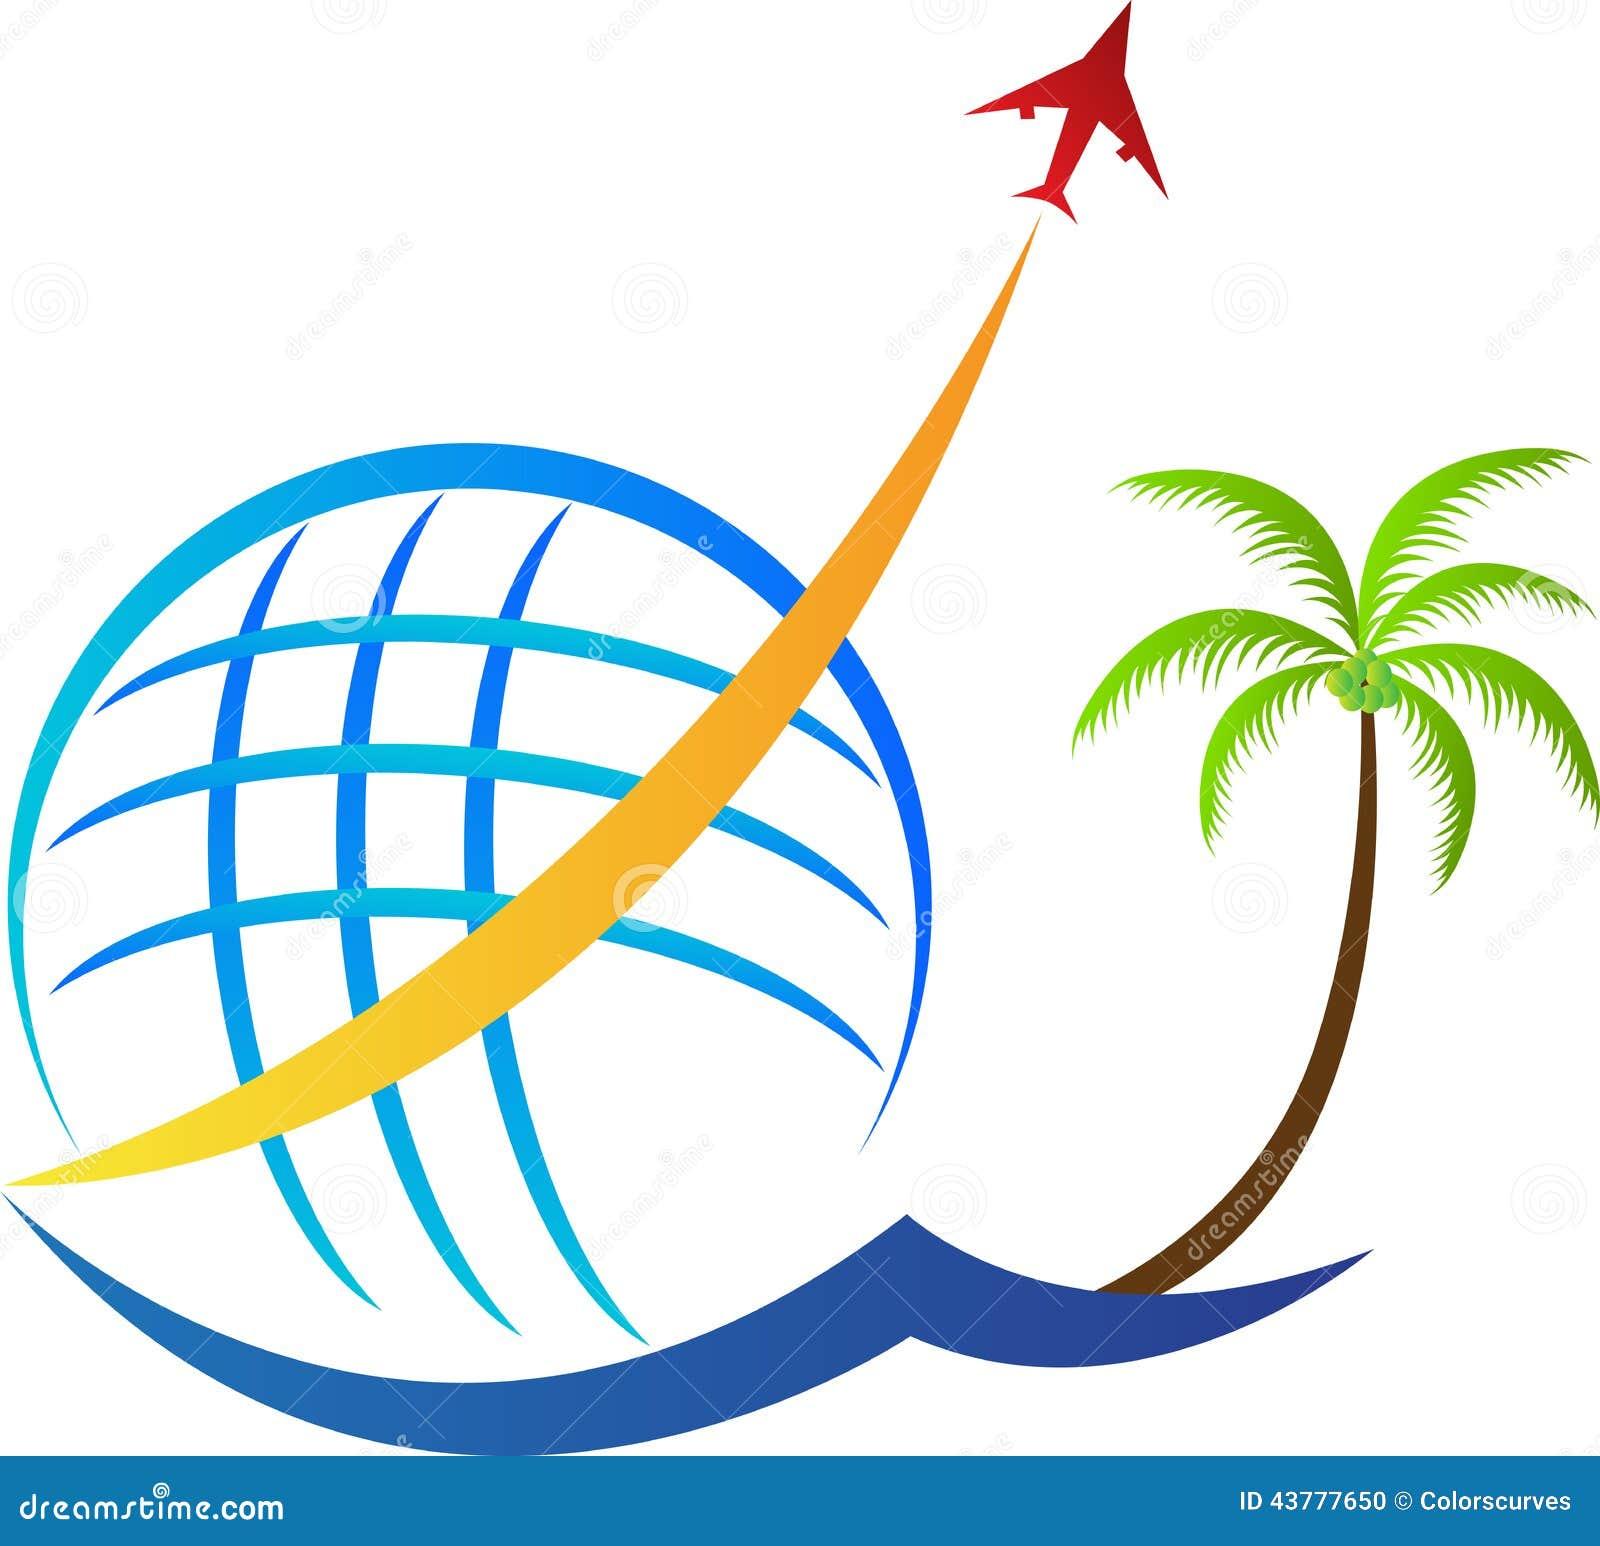 Travel News  Sri Lanka Tourism